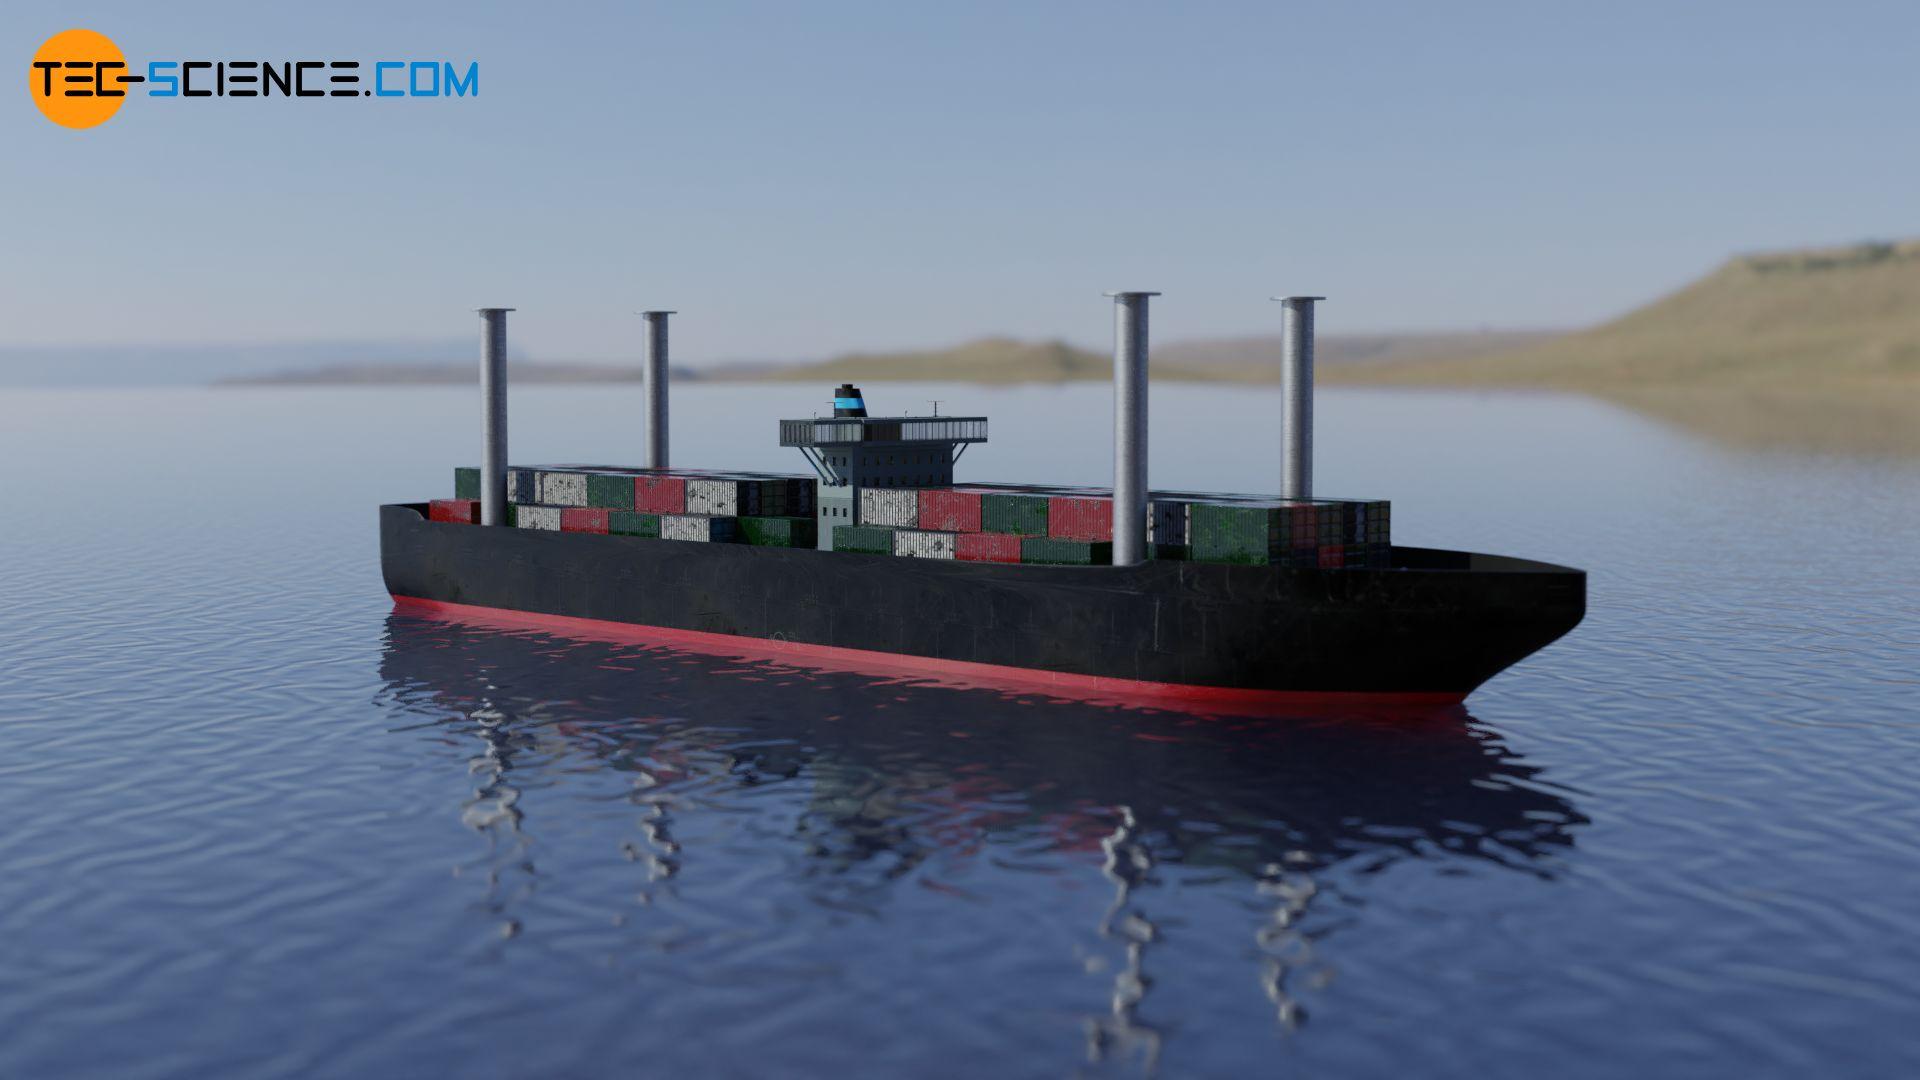 Flettner rotors on a ship